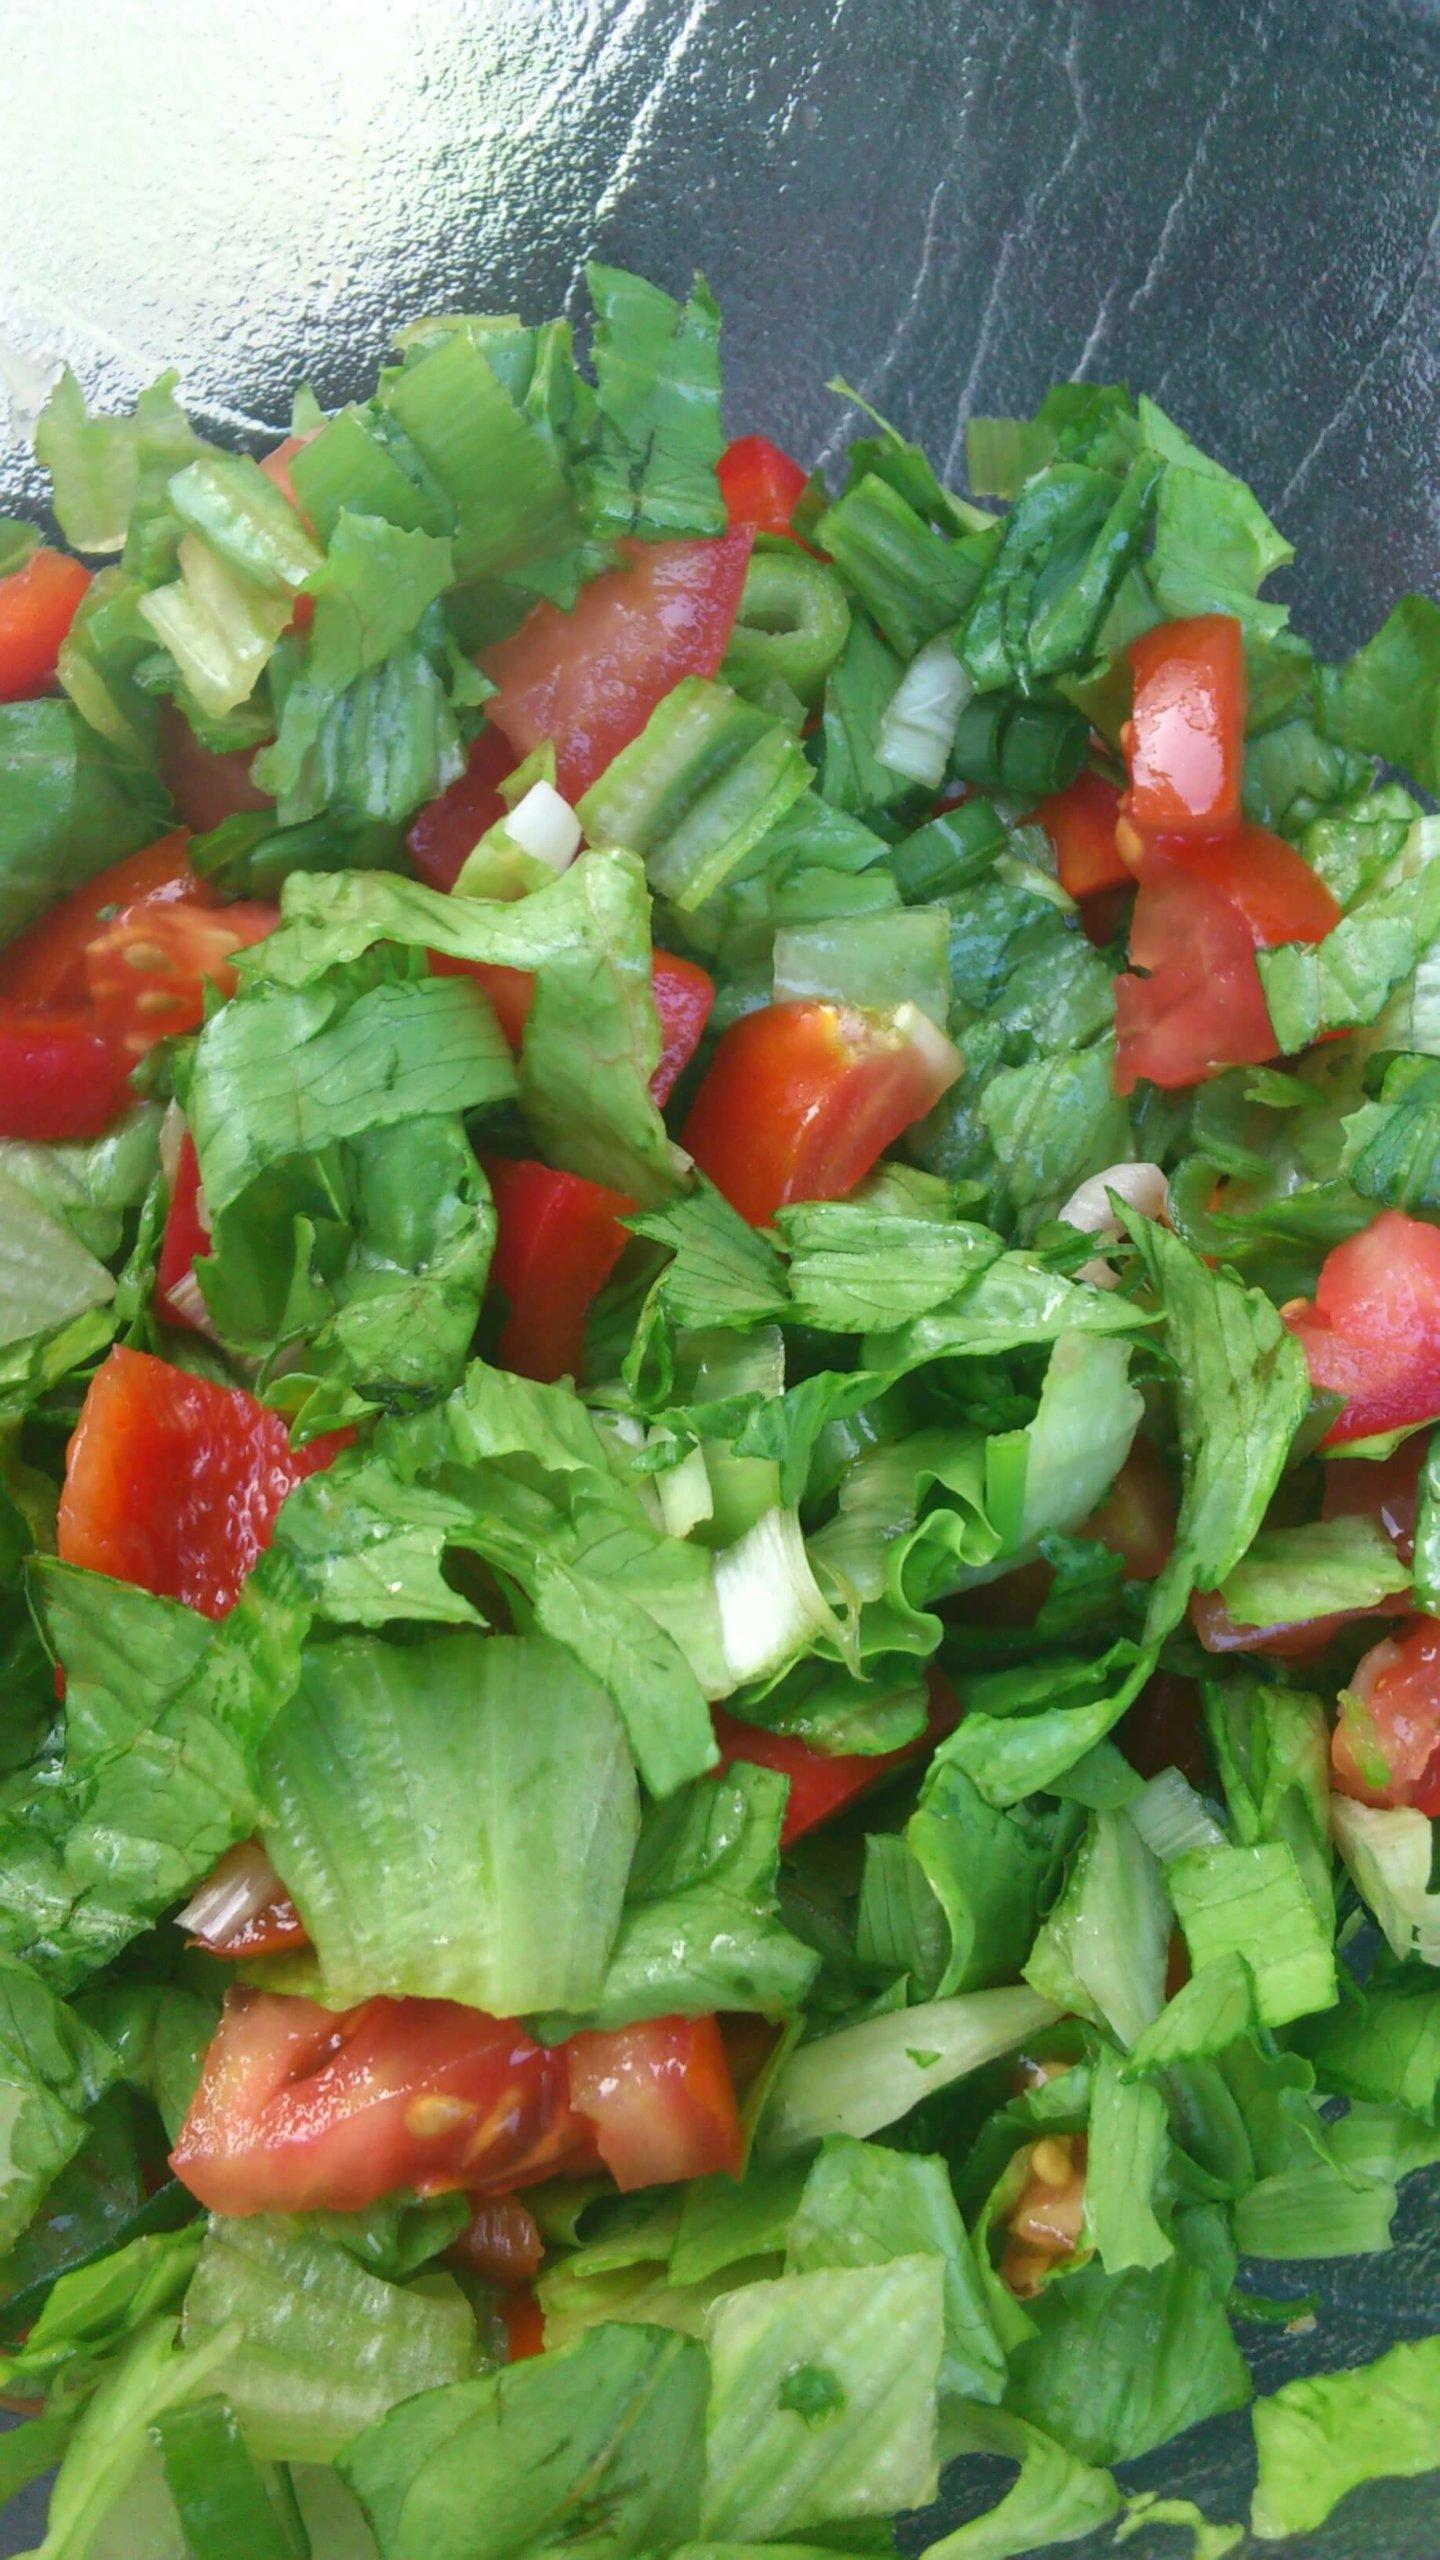 grüner Salat mit Tomaten (c) familienfreund.de